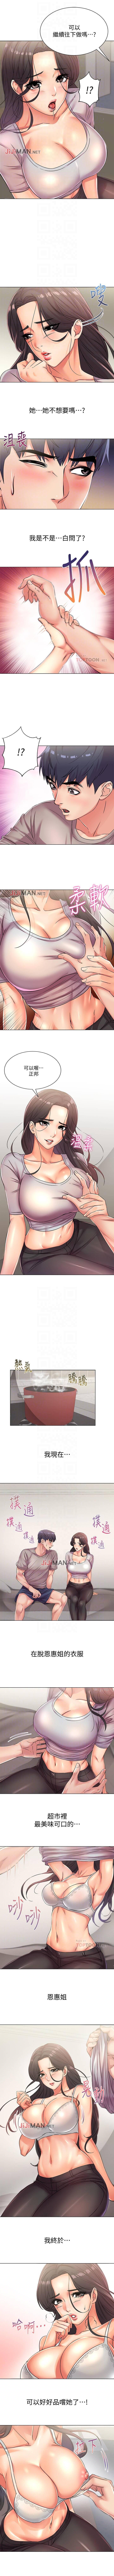 【周三连载】超市的漂亮姐姐(作者:北鼻&逃兵) 第1~40话 135